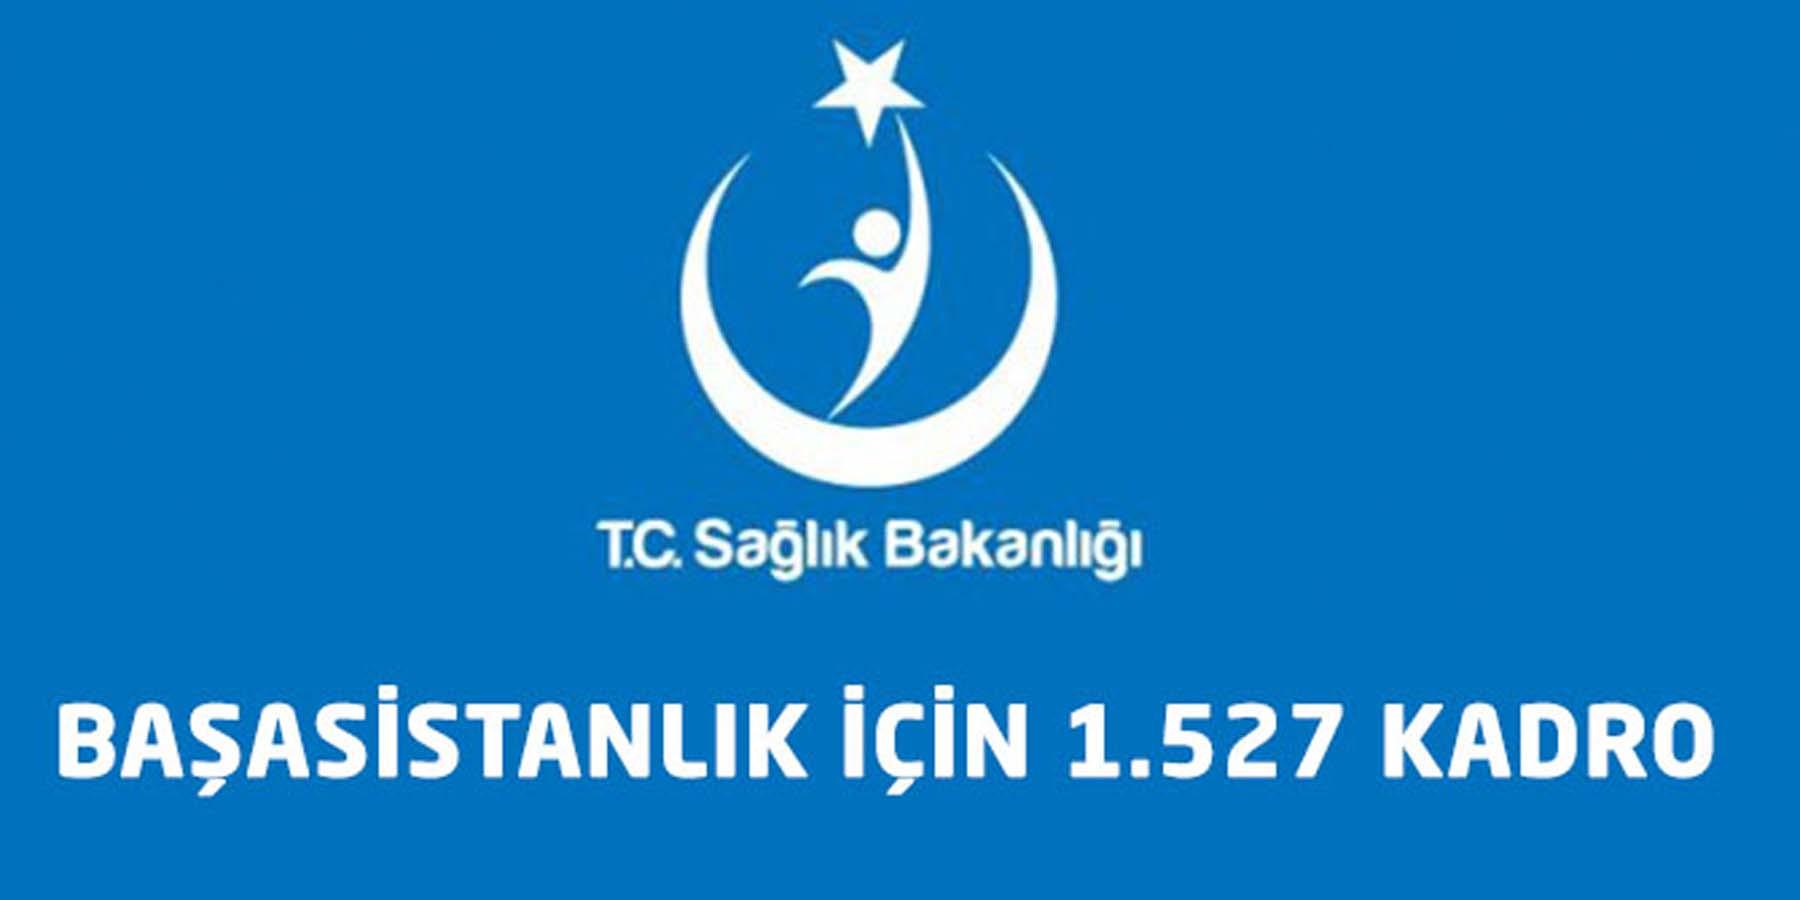 Sağlık Bakanlığı Başasistanlık İçin 1.527 Kadro İhdas Etti